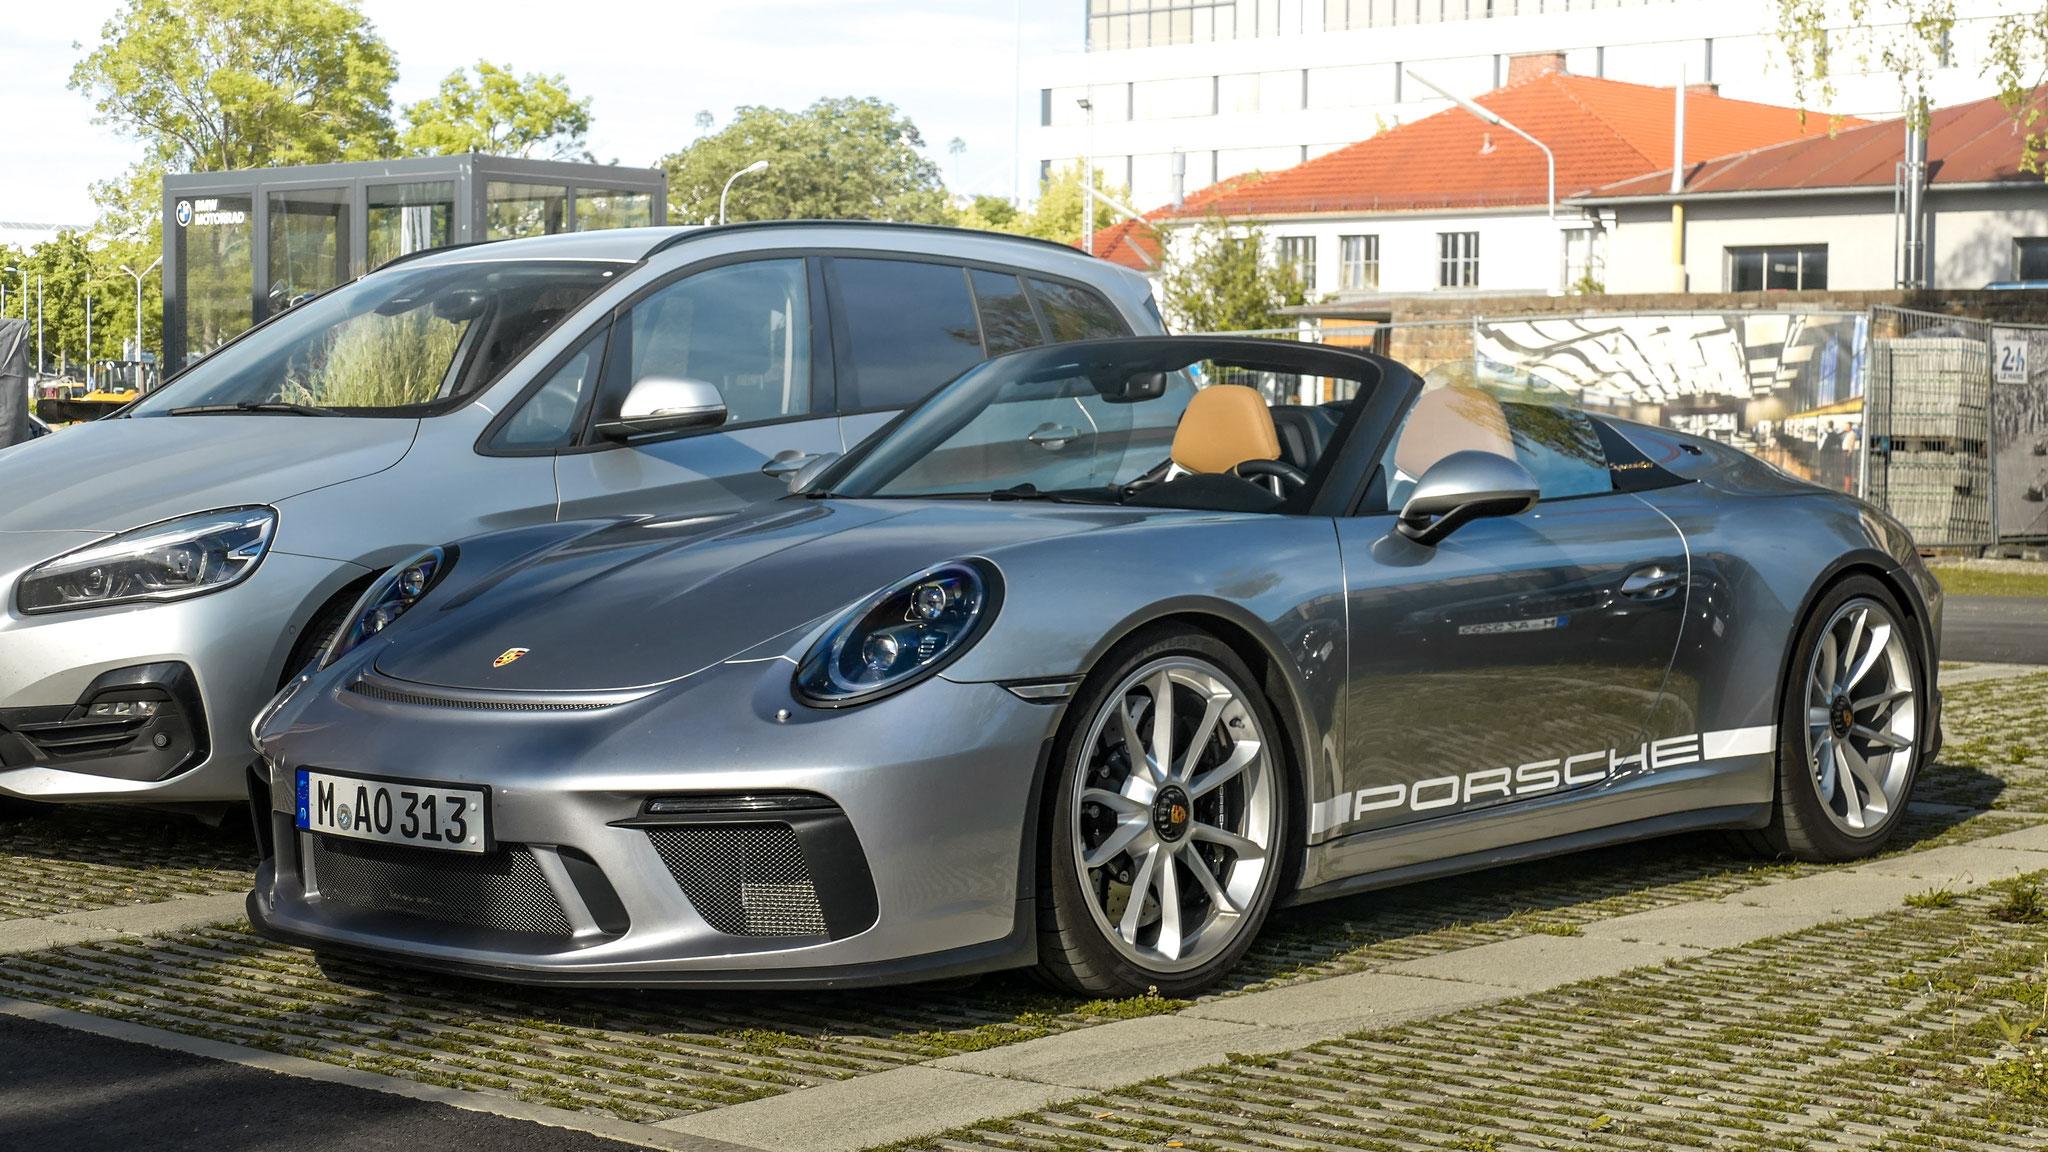 Porsche 991 Speedster - M-AO-313